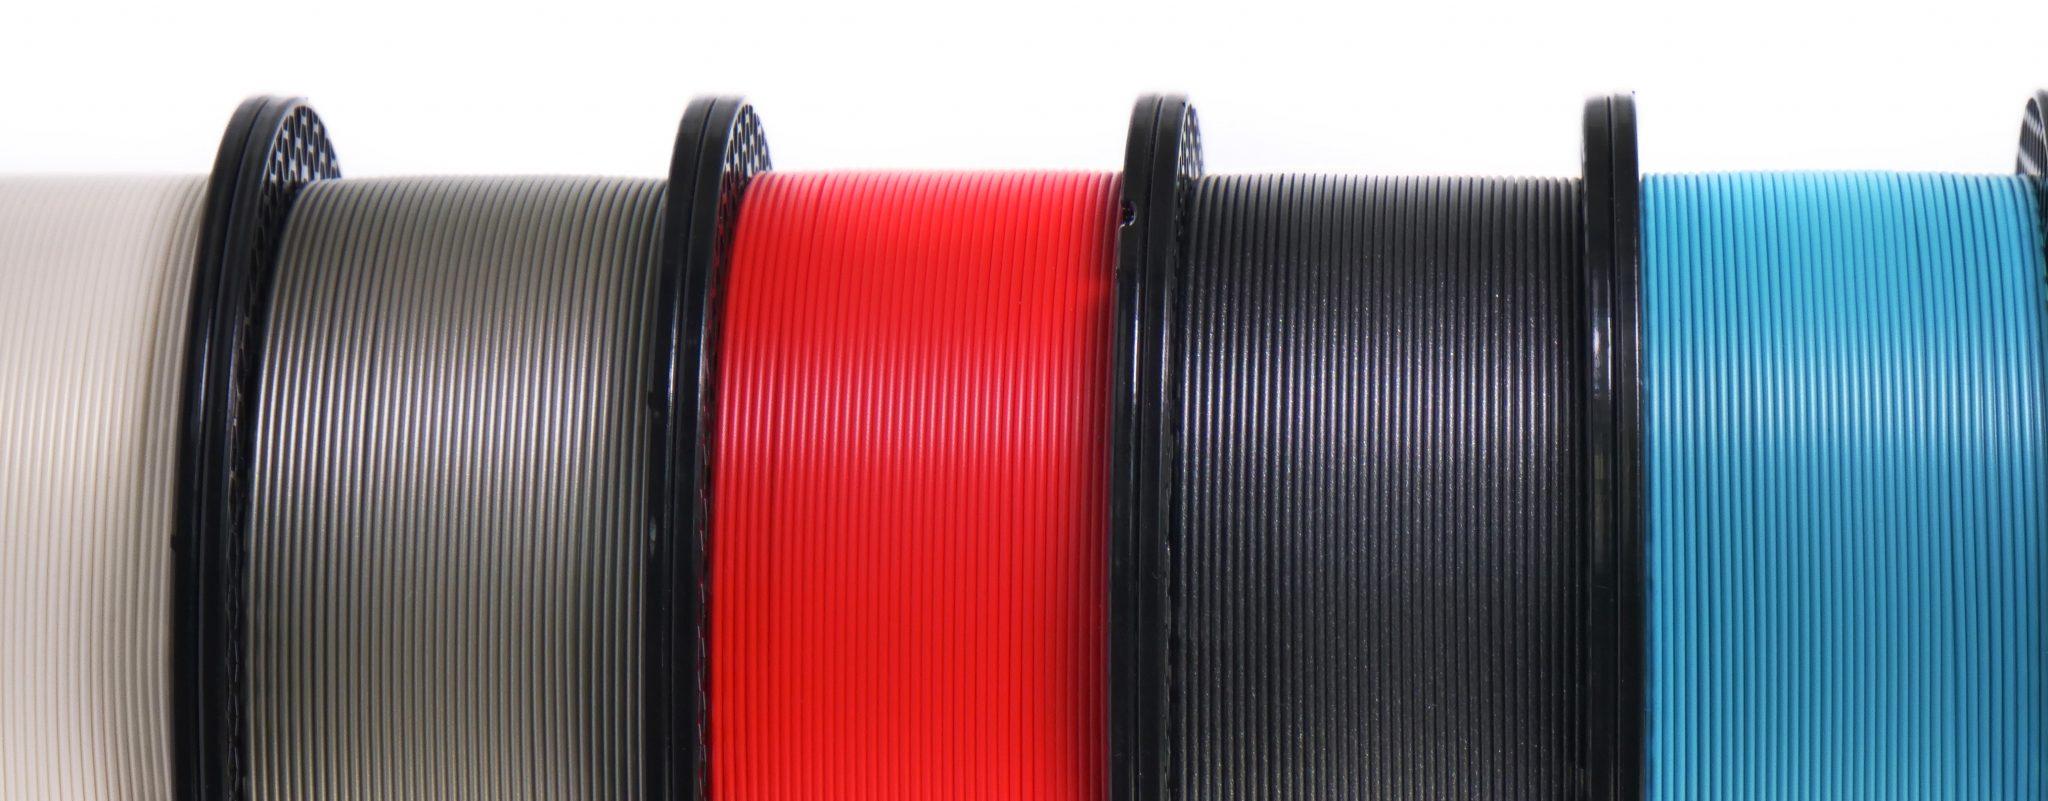 Prusament filaments. Photo via Prusa Research.